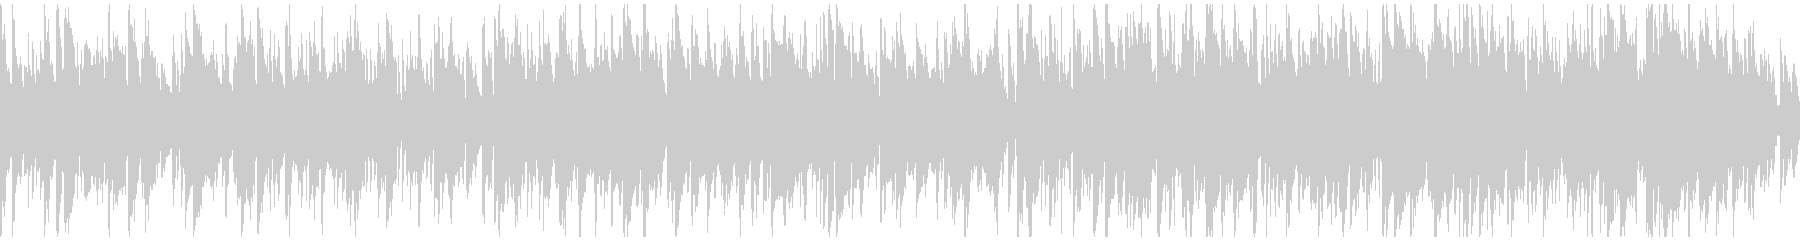 ソフトなボサノバ・ジャズ ※ループ仕様版の未再生の波形